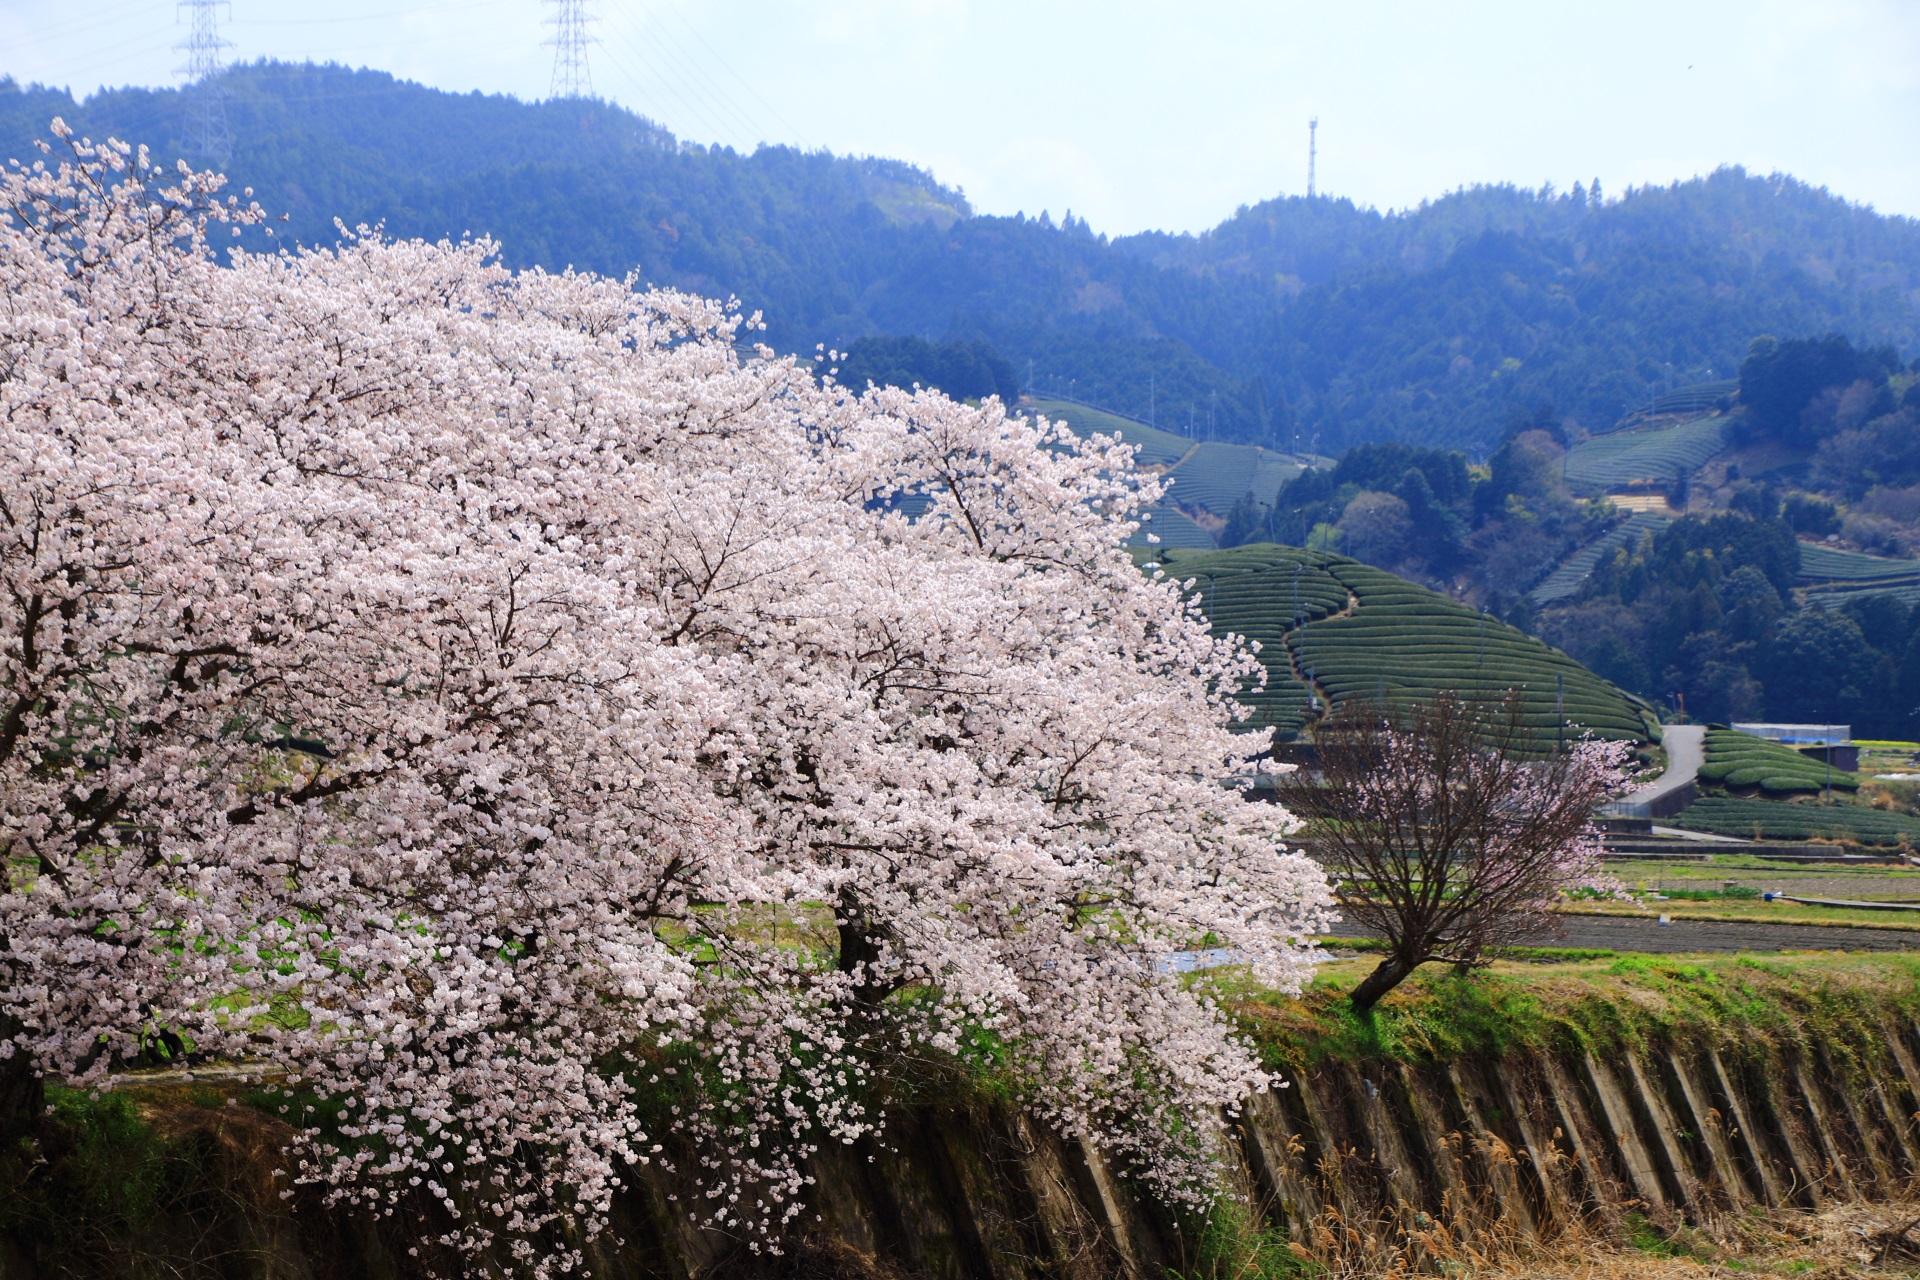 和束町の溢れる桜と茶畑